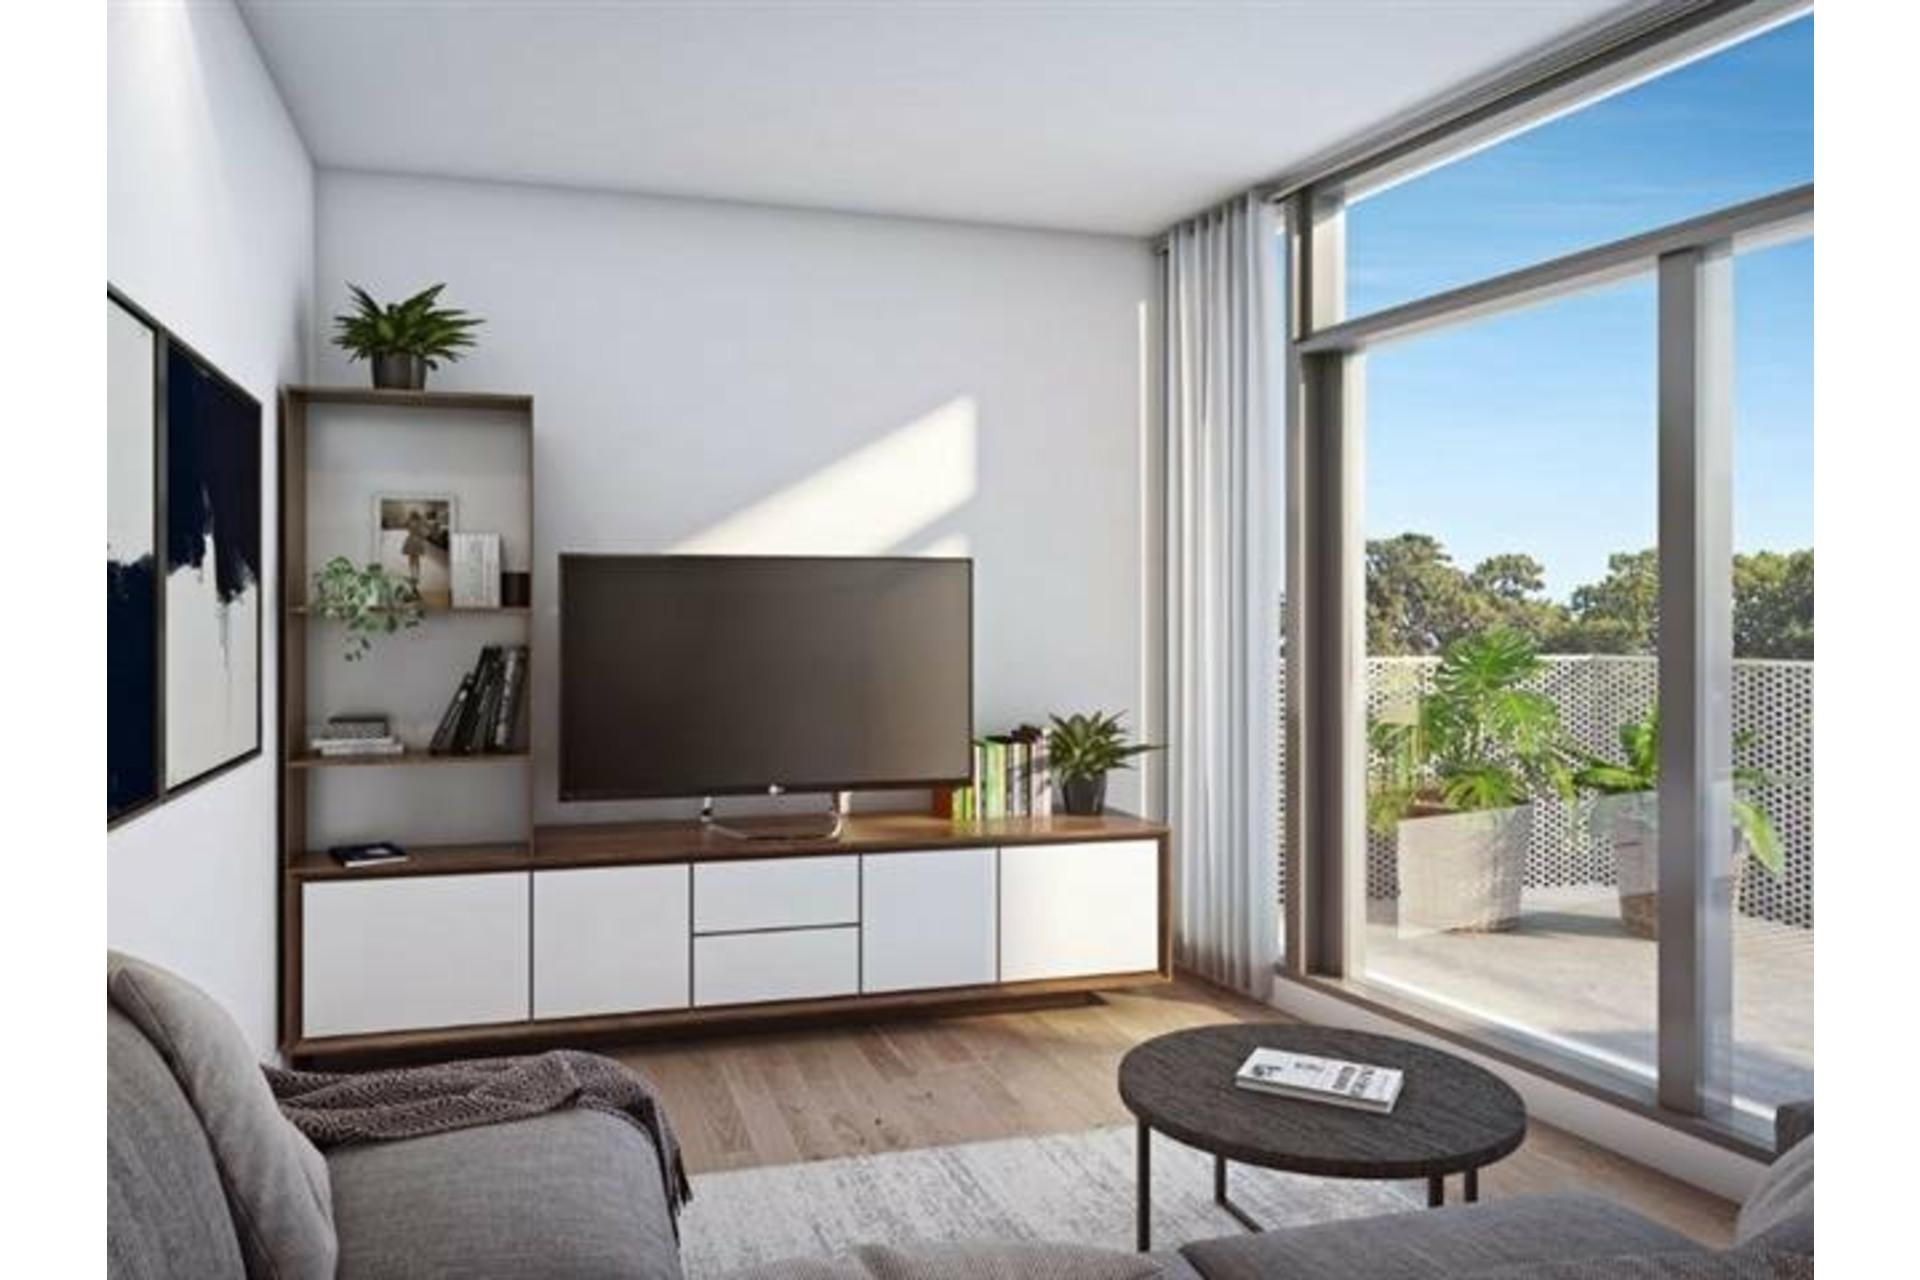 image 26 - Appartement À vendre Rosemont/La Petite-Patrie Montréal  - 5 pièces